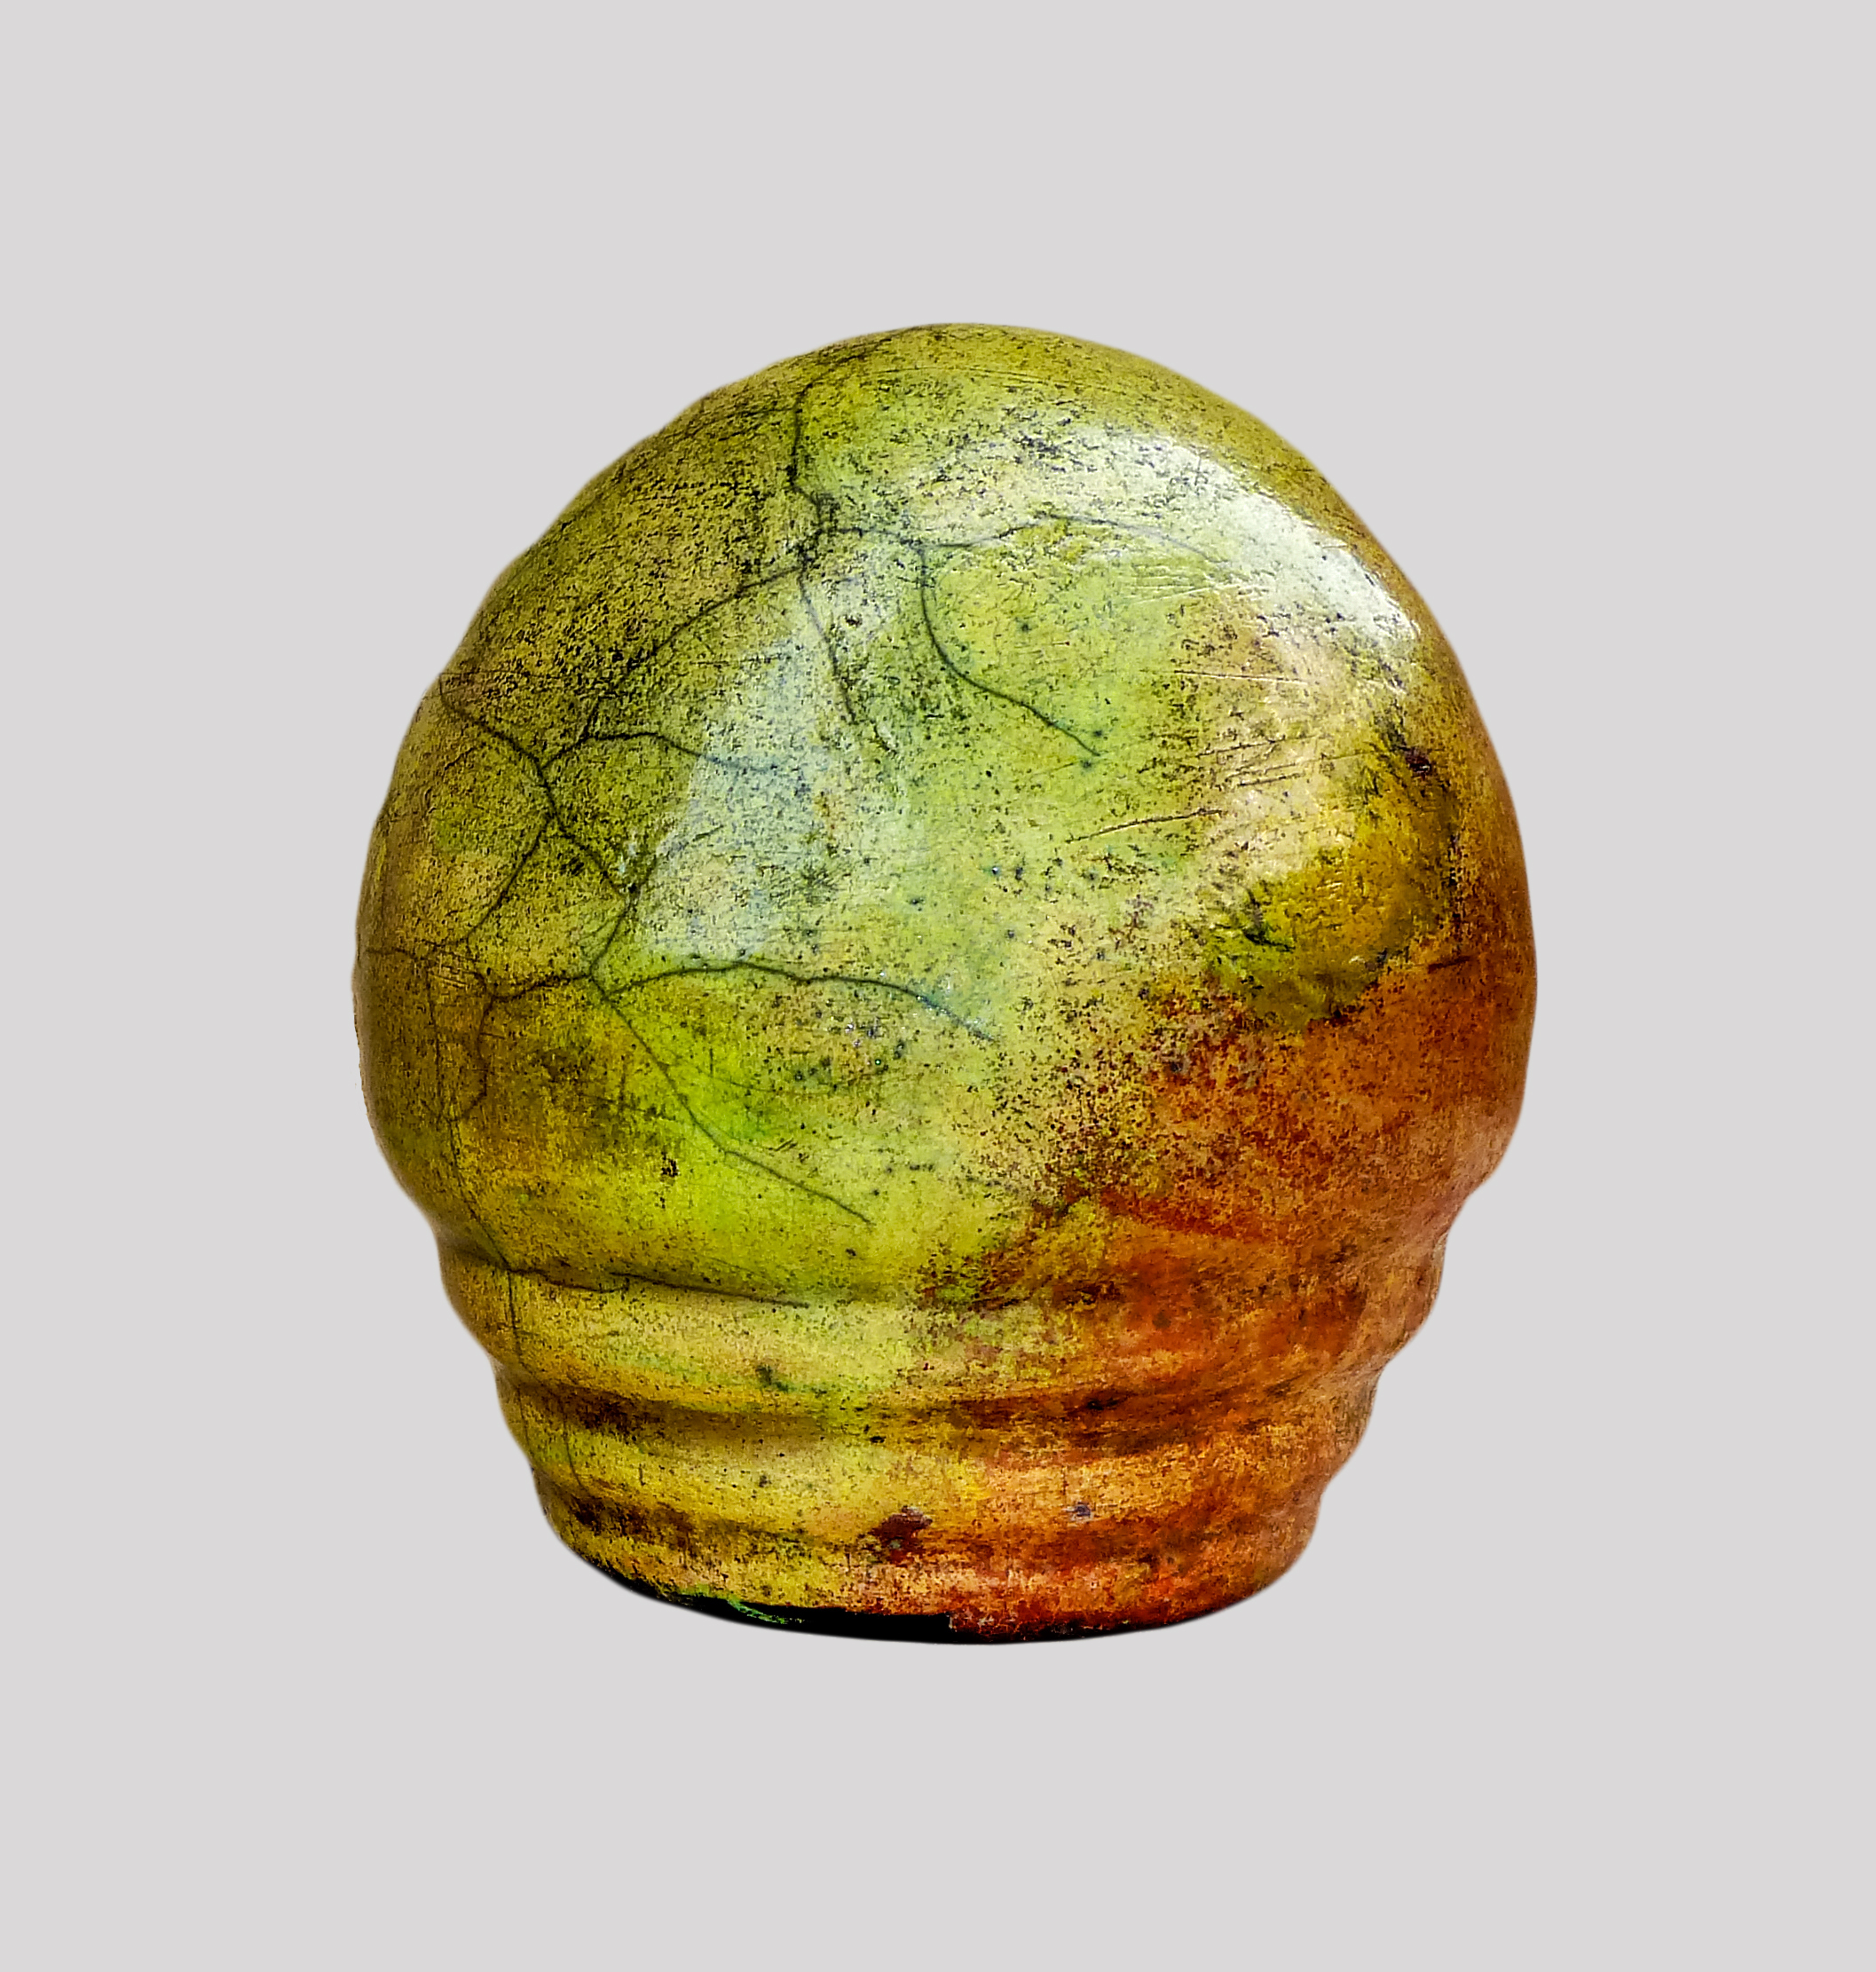 Raku+Sphere+#1.jpg